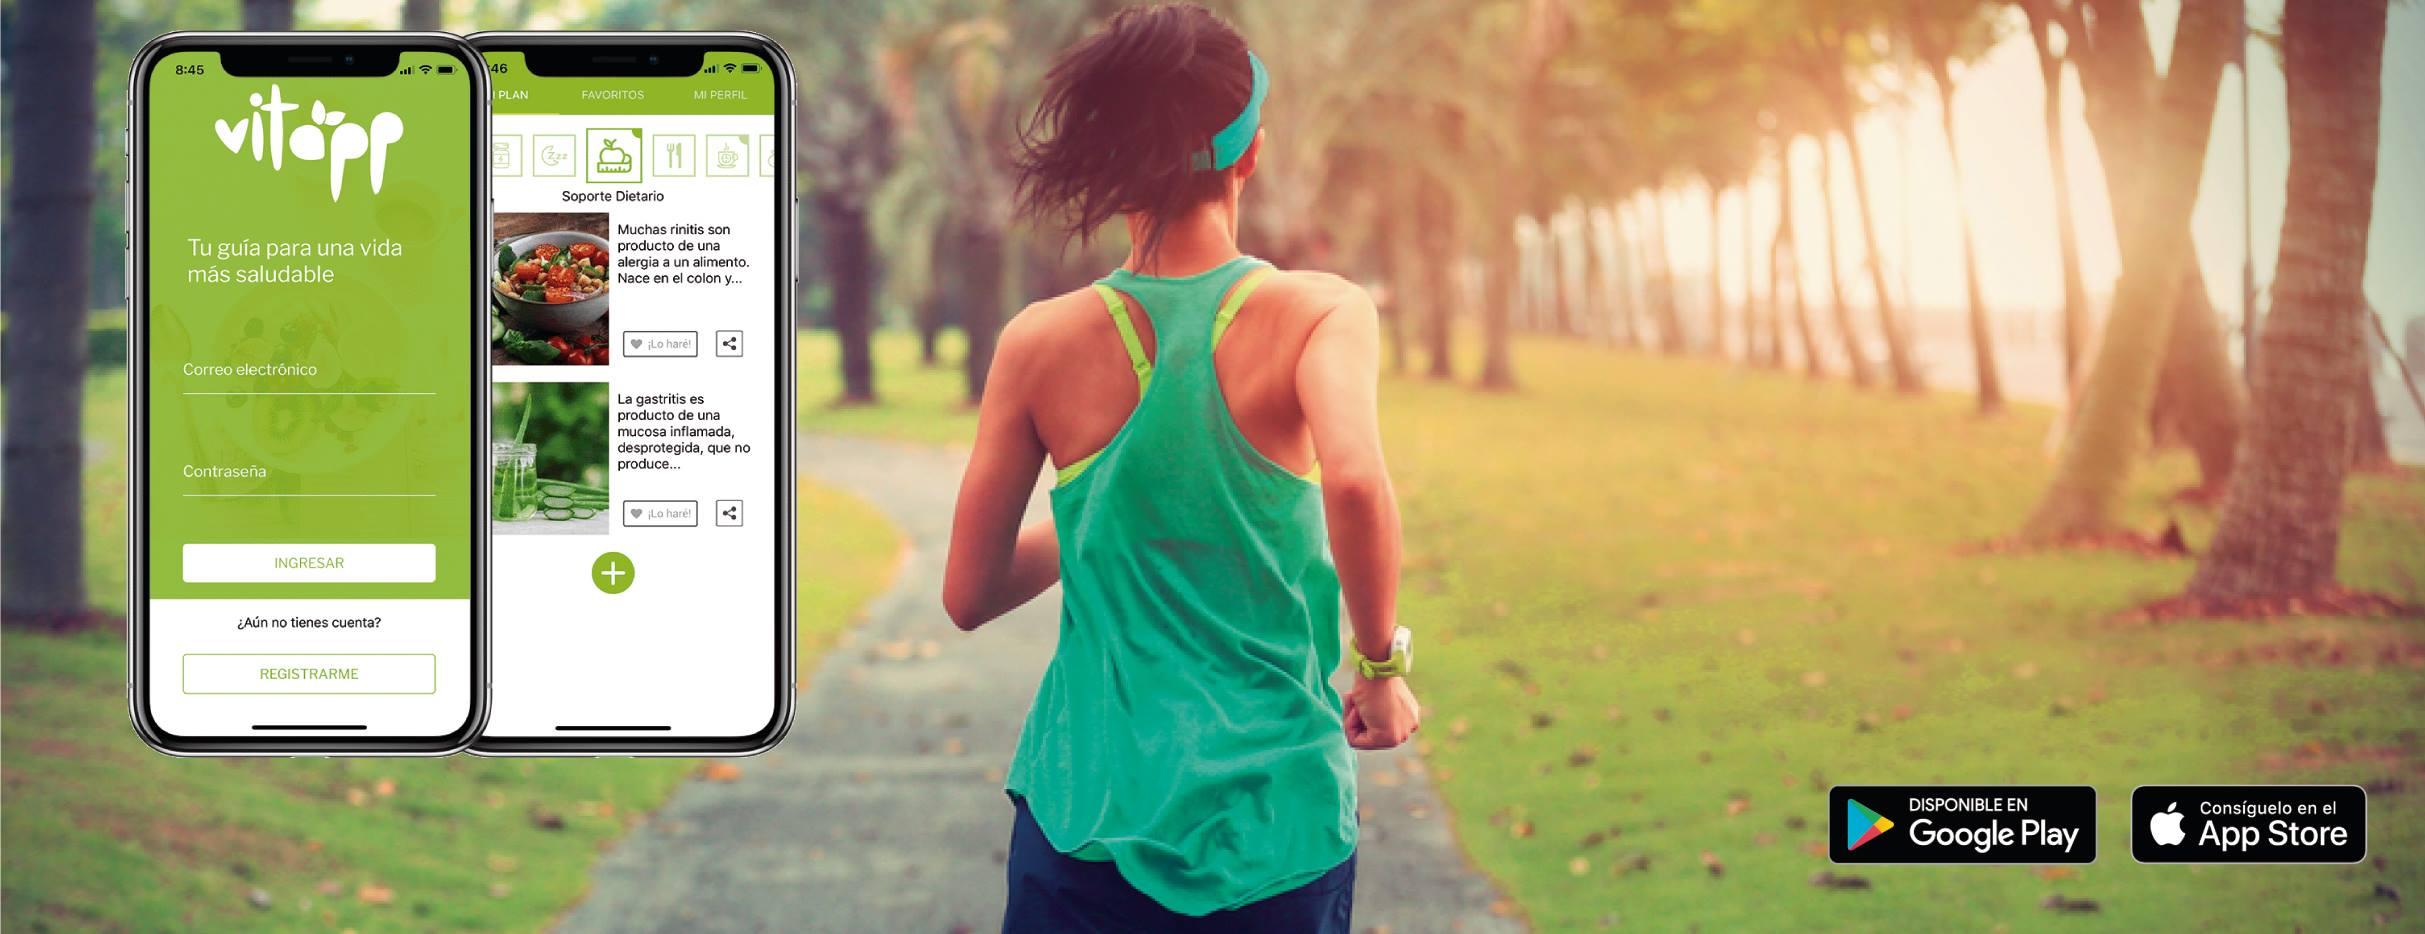 vitapp recomendaciones personalizadas para la salud, vitapp aplicación